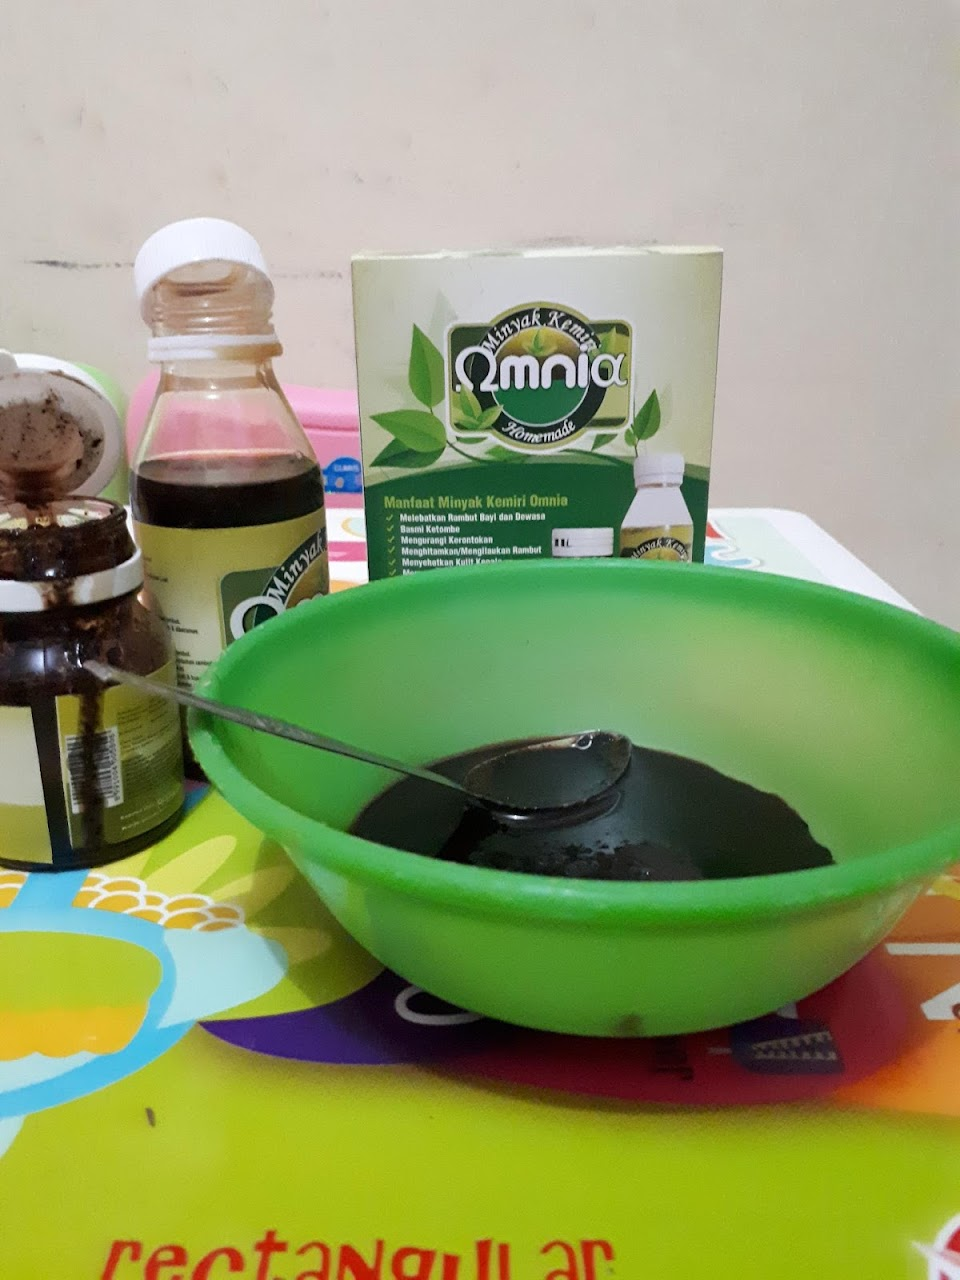 cara pakai minyak kemiri omnia Cara Membuat Minyak Kemiri Bening